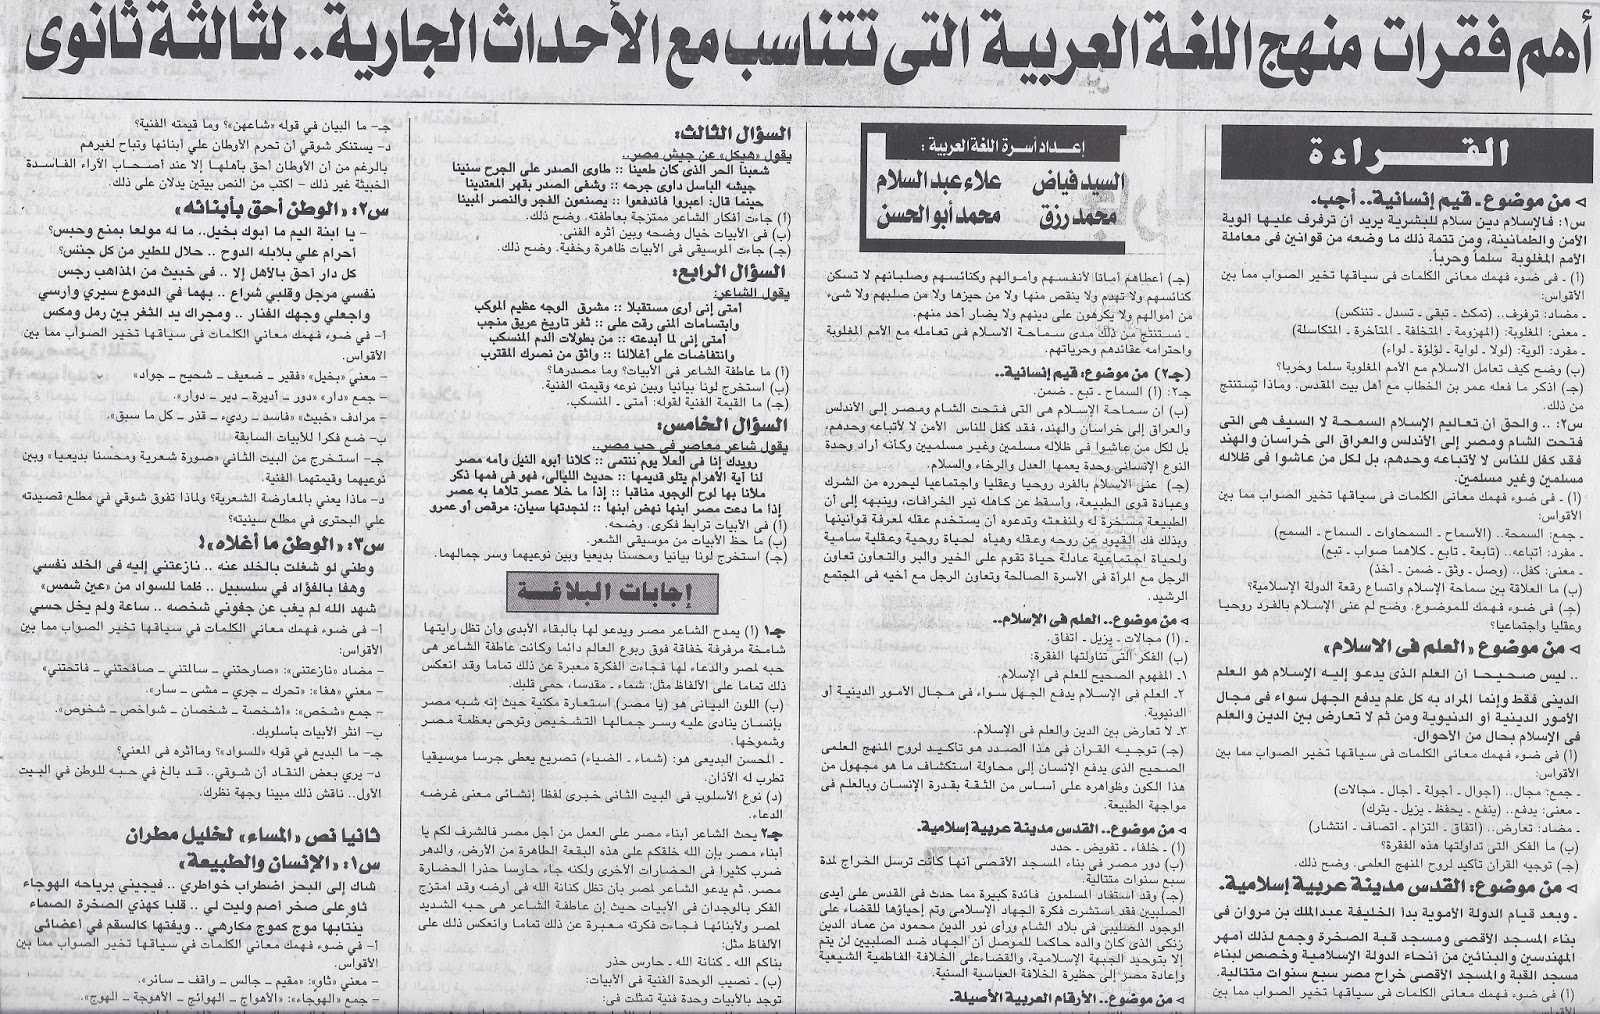 خلاصة توقعات ملحق الجمهورية لامتحان اللغة العربية للثانوية العامة 2015 3-2015_002